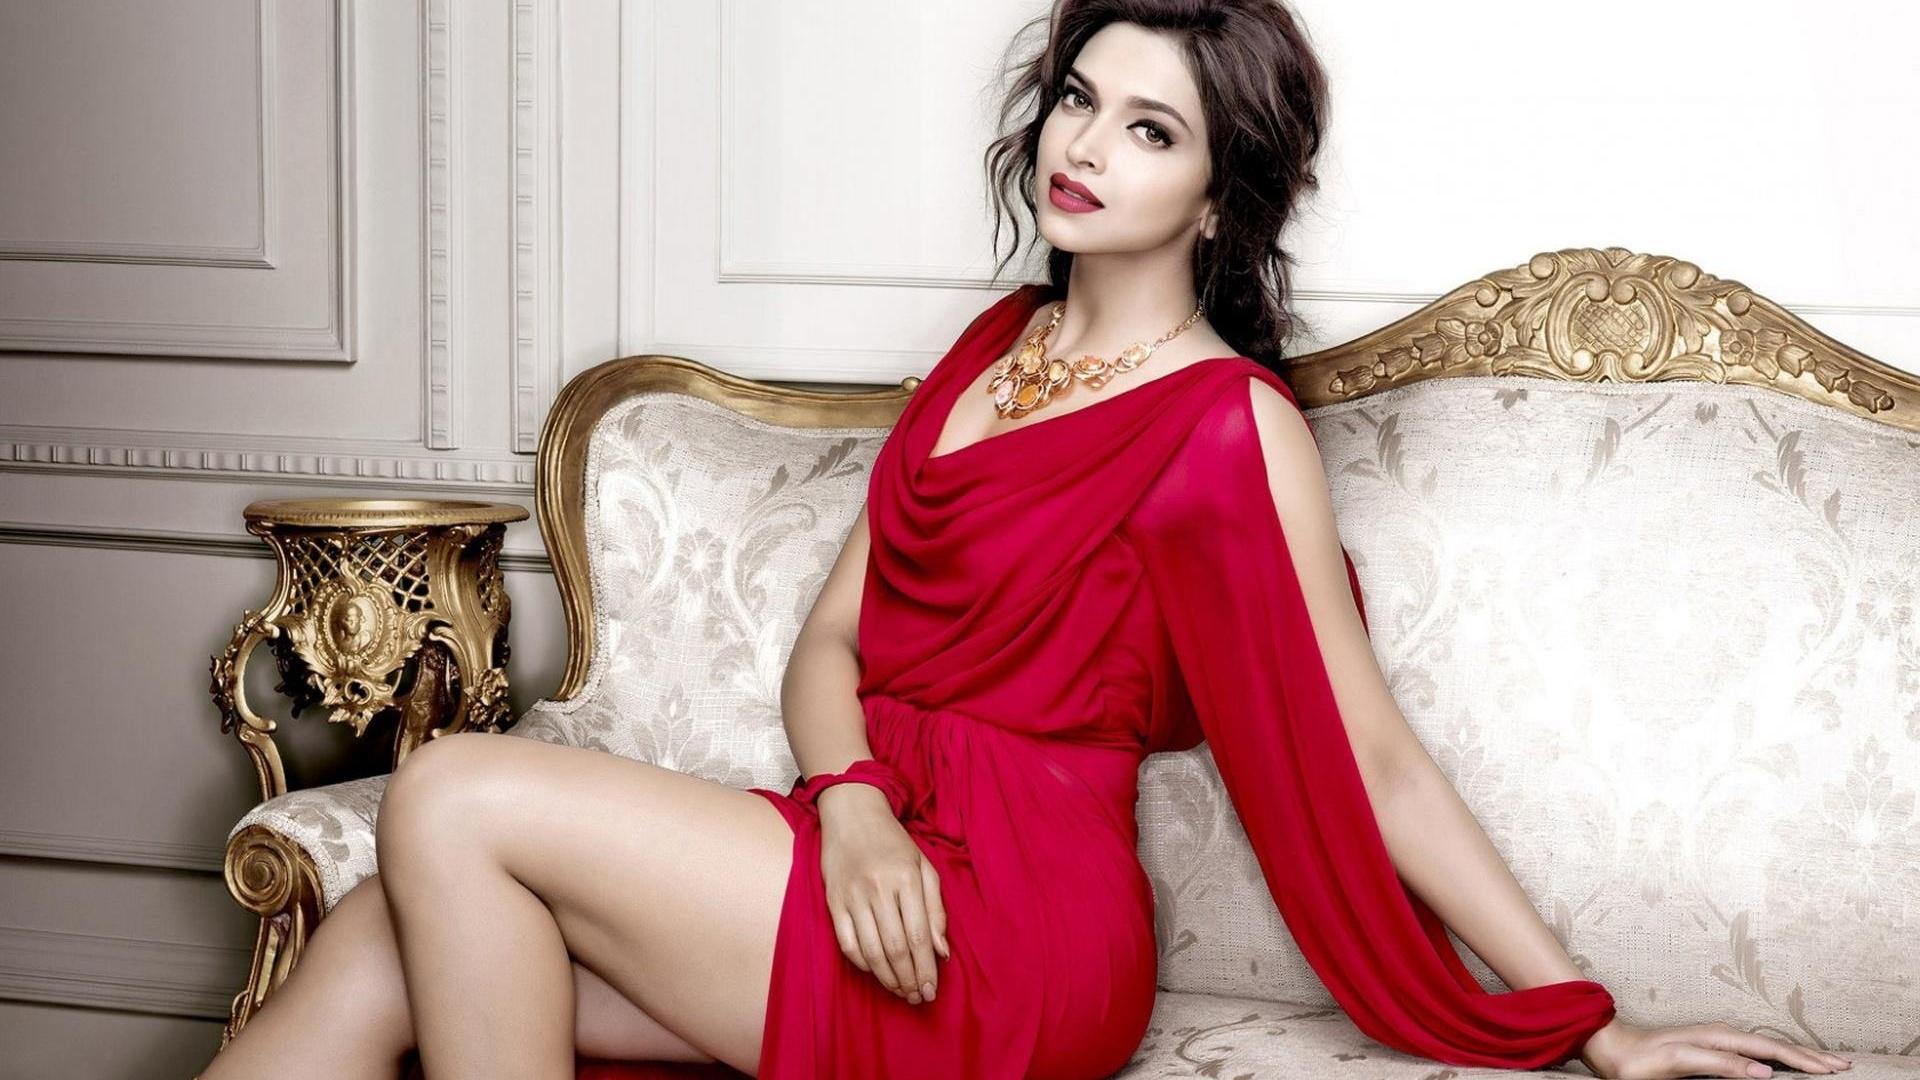 Смотреть фильмы элитные богатые дамы красивыми формами, голые сочные дамочки фото